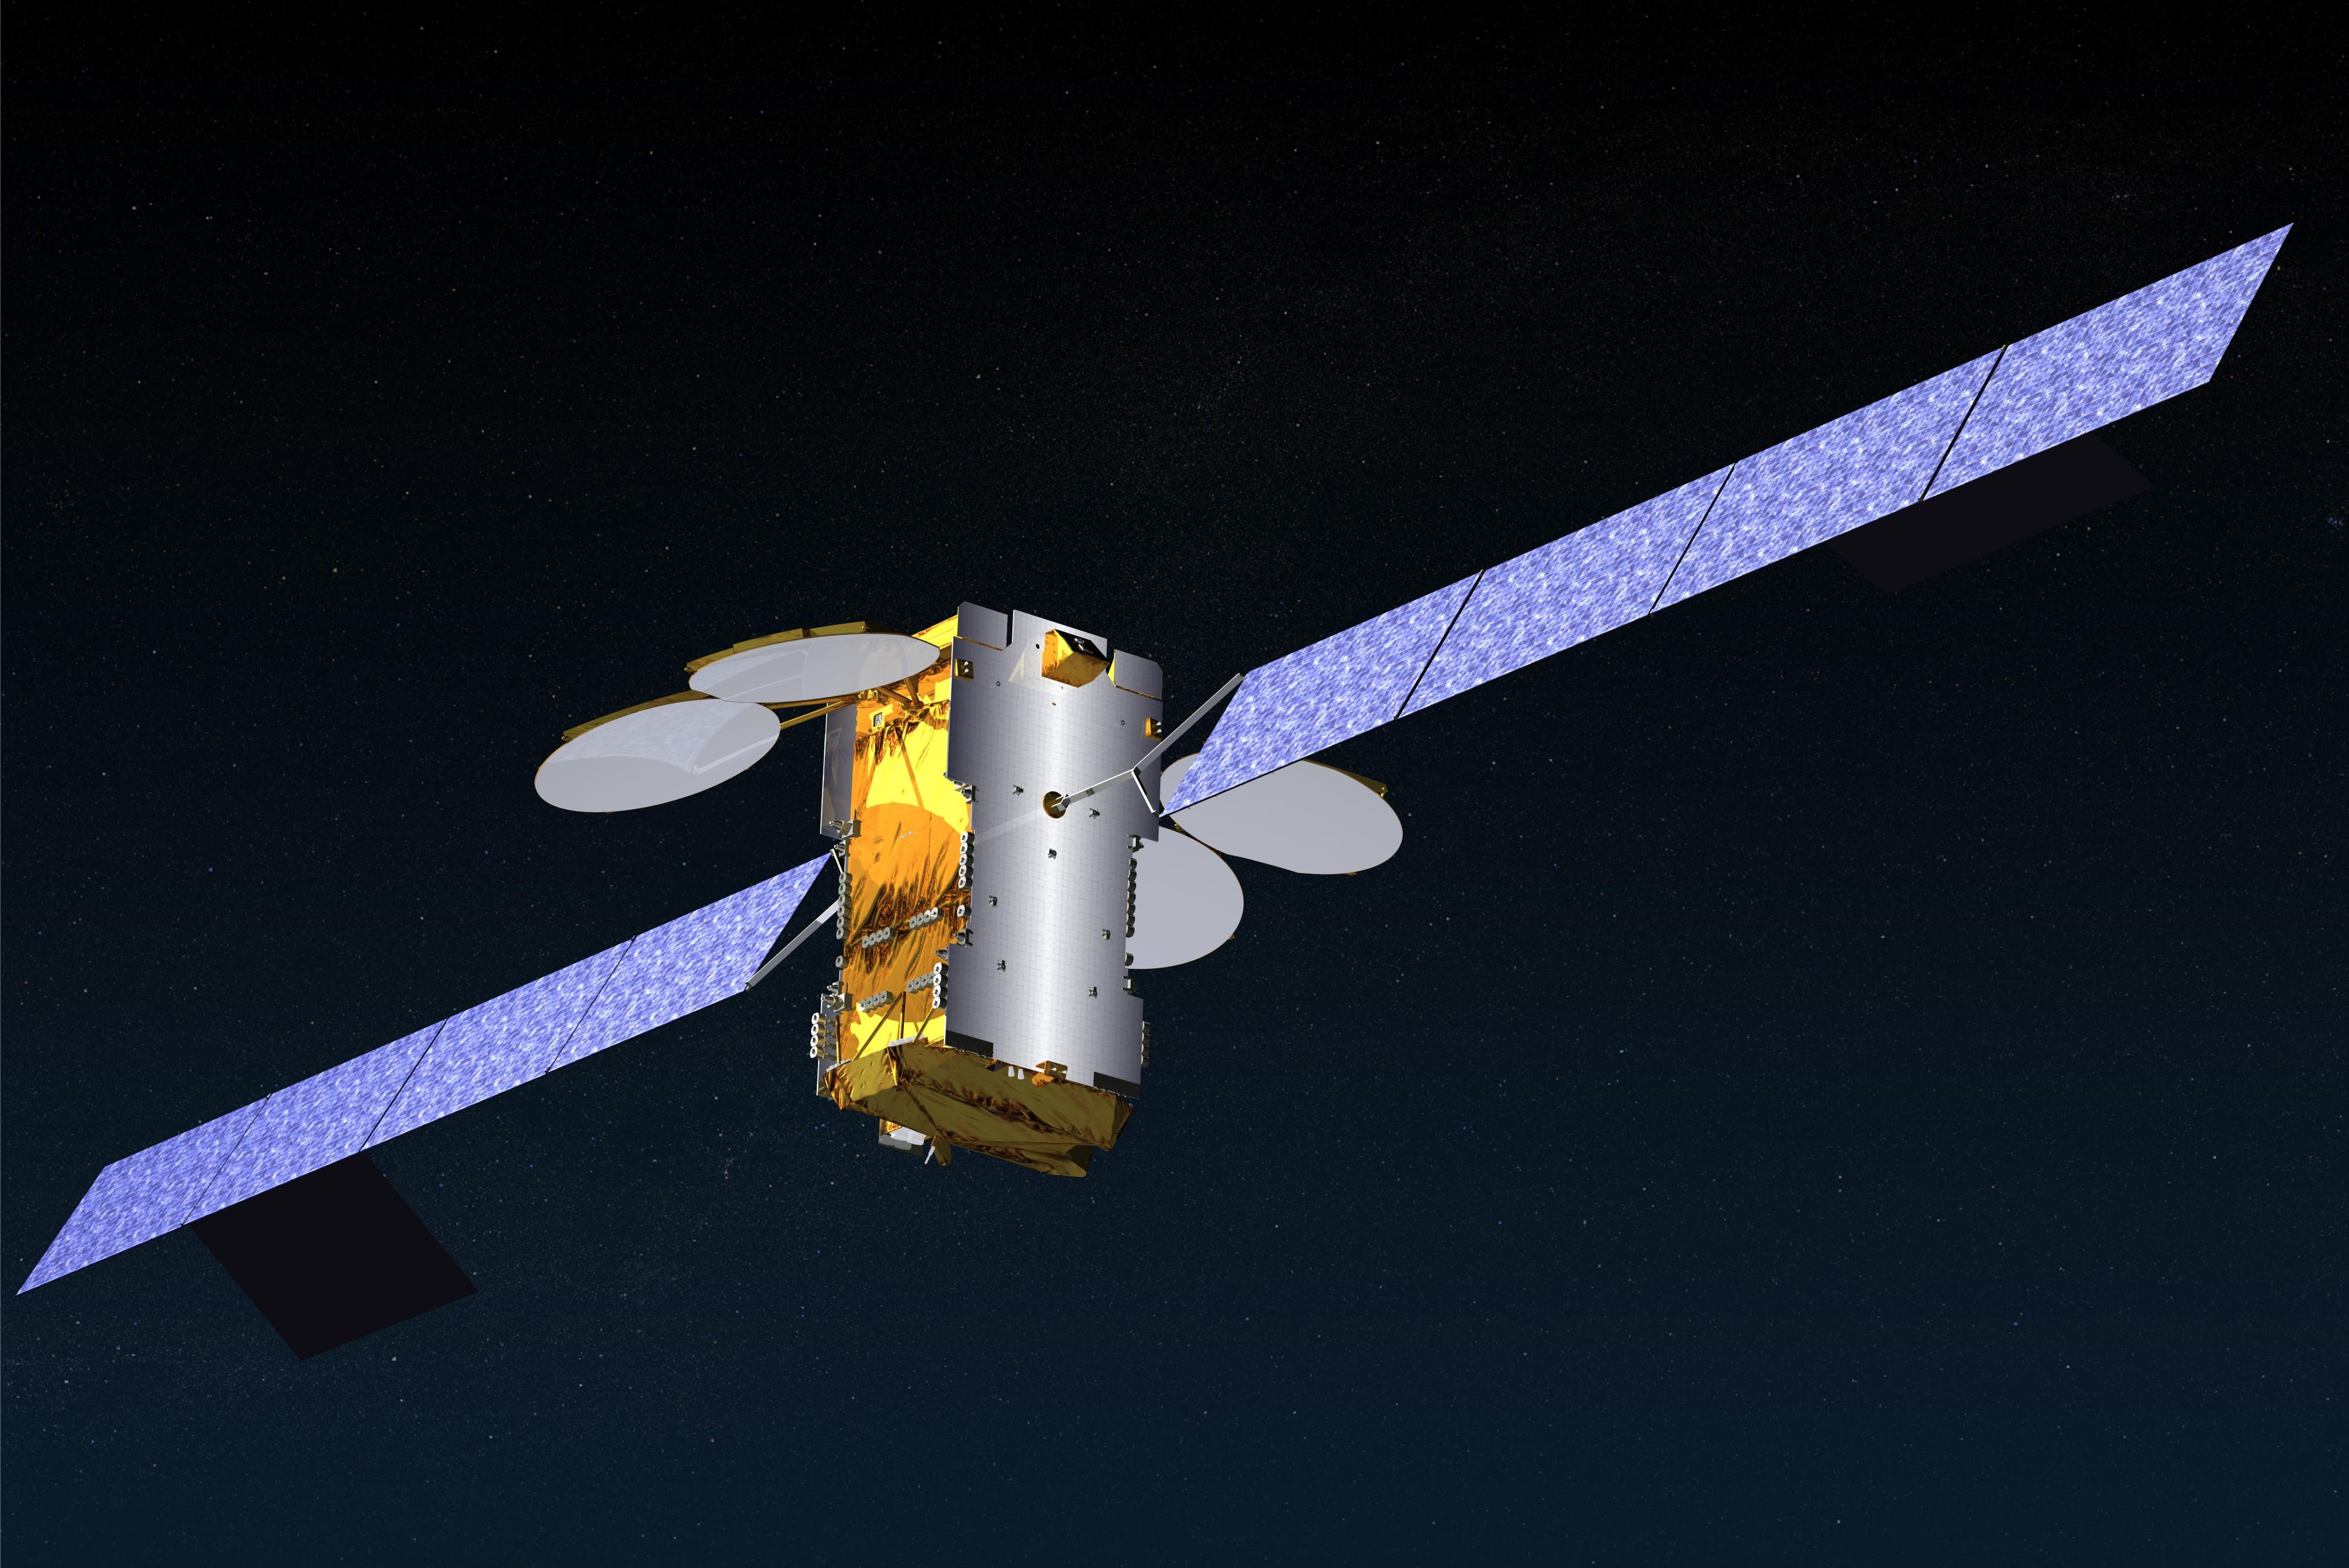 Eutelsat's KA-SAT